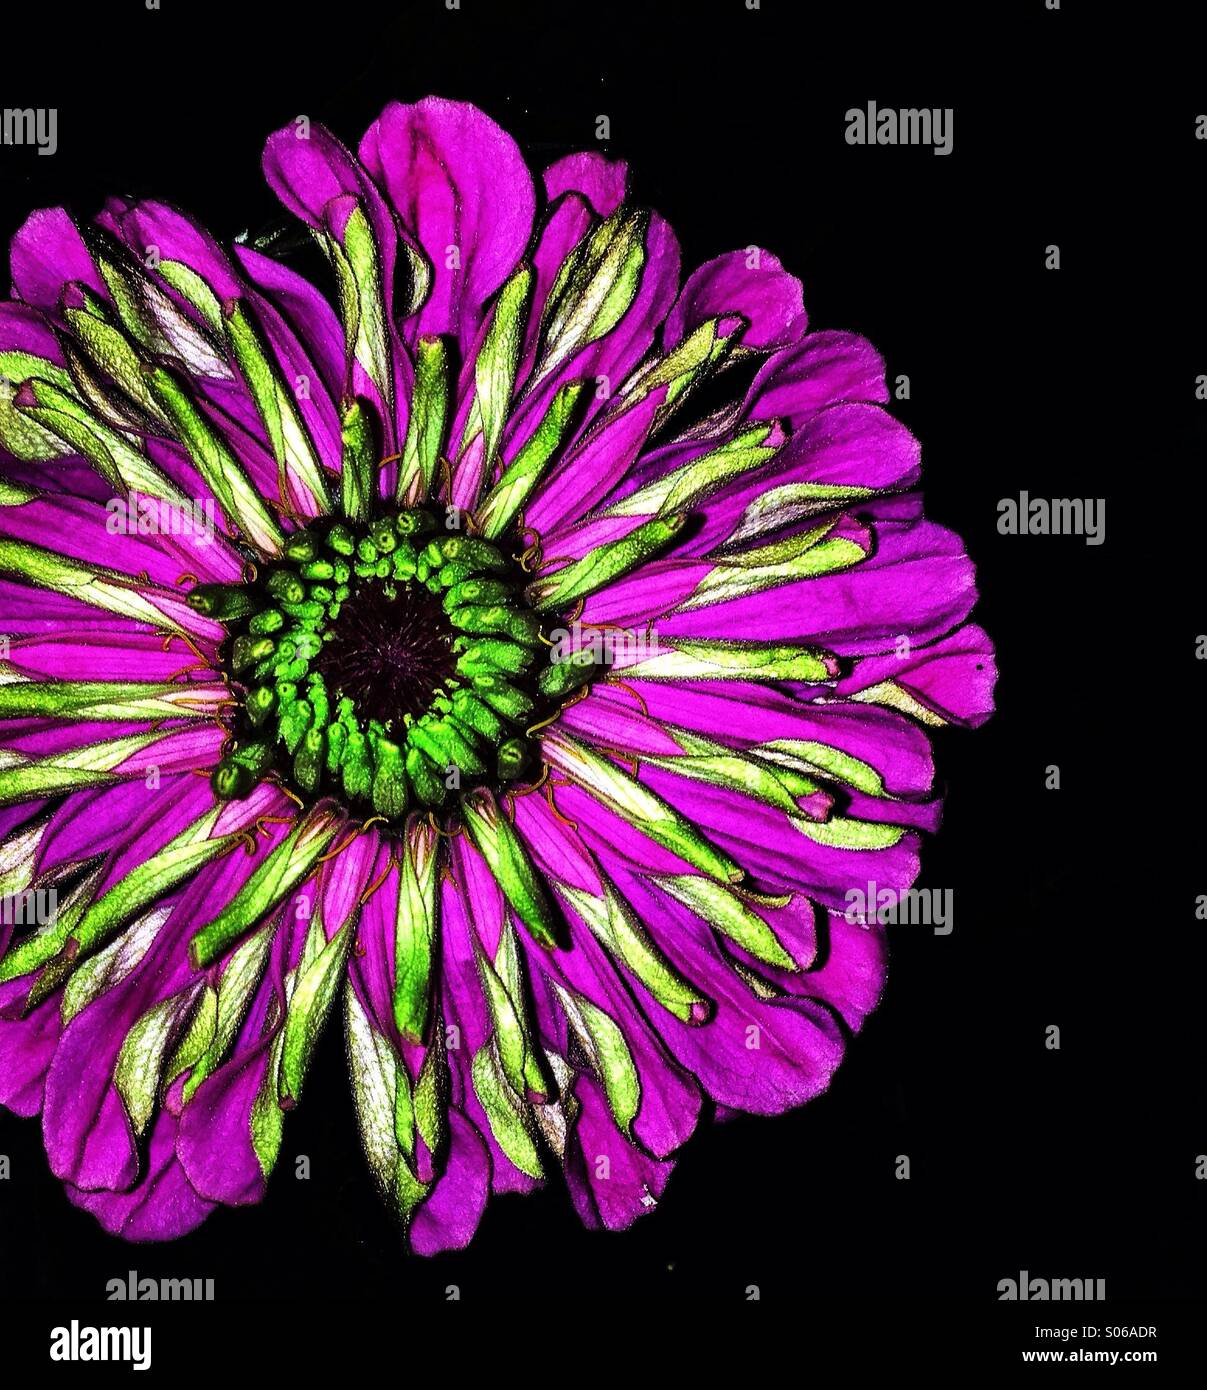 Fiore vibrante Immagini Stock